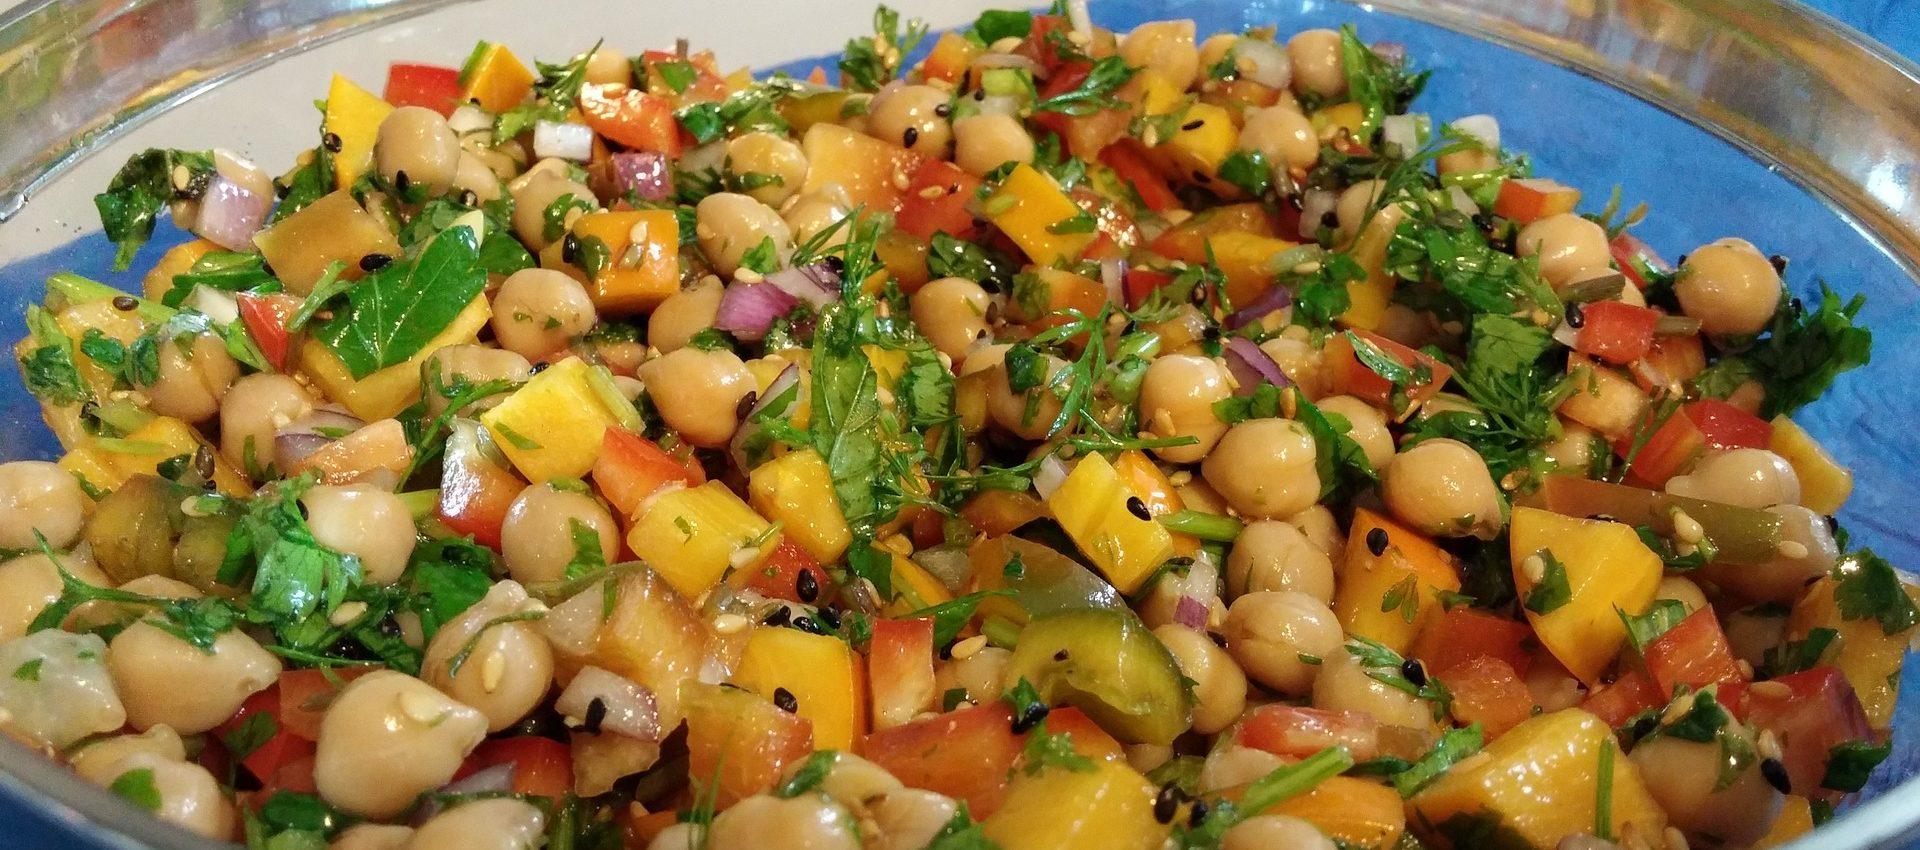 Salade de pois chiche au cookeo